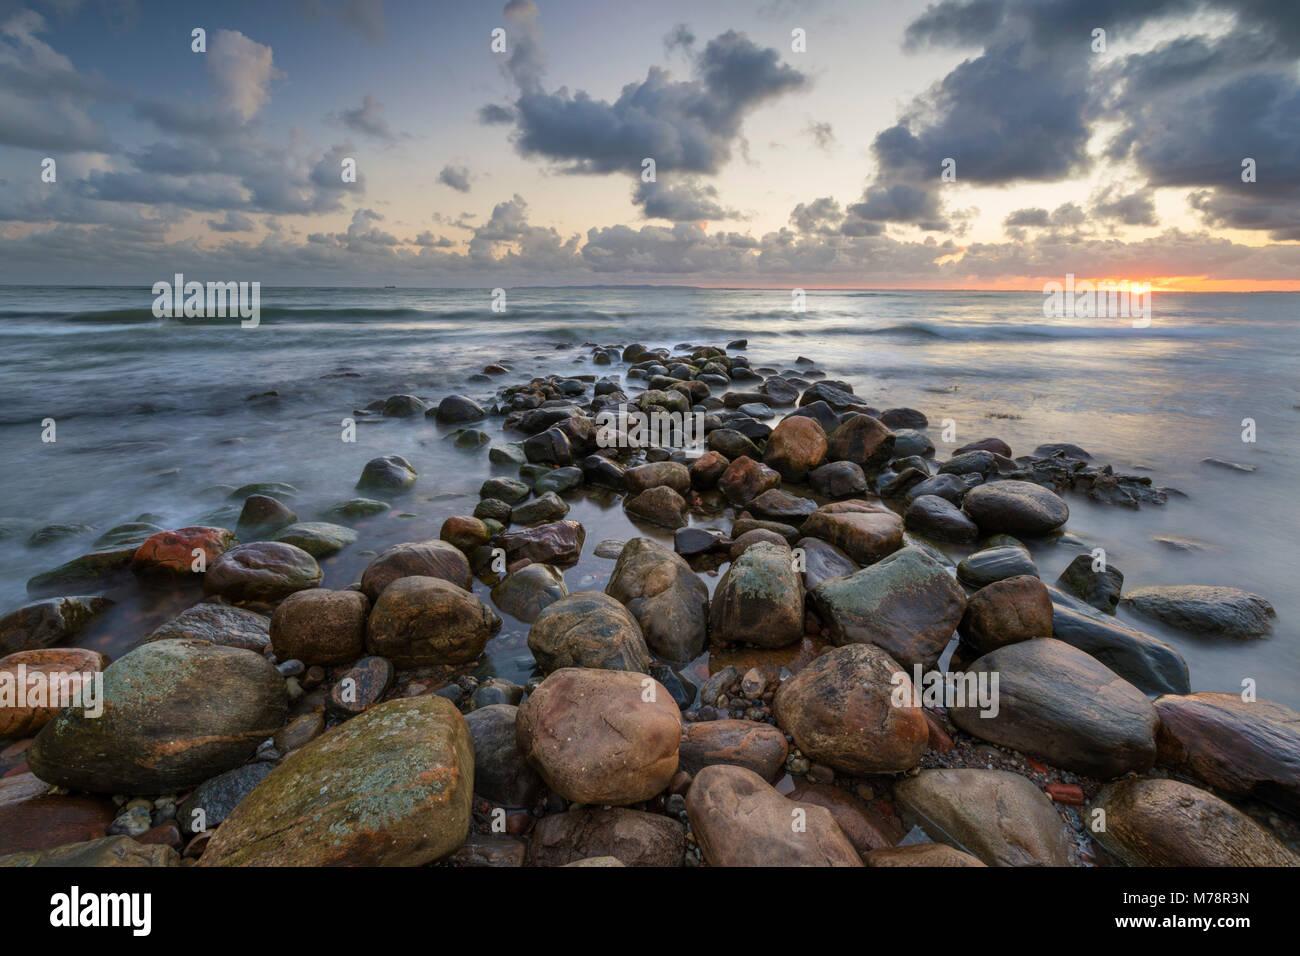 Rock breakwater in sea at sunrise, Munkerup, Kattegat Coast, Zealand, Denmark, Scandinavia, Europe Stock Photo